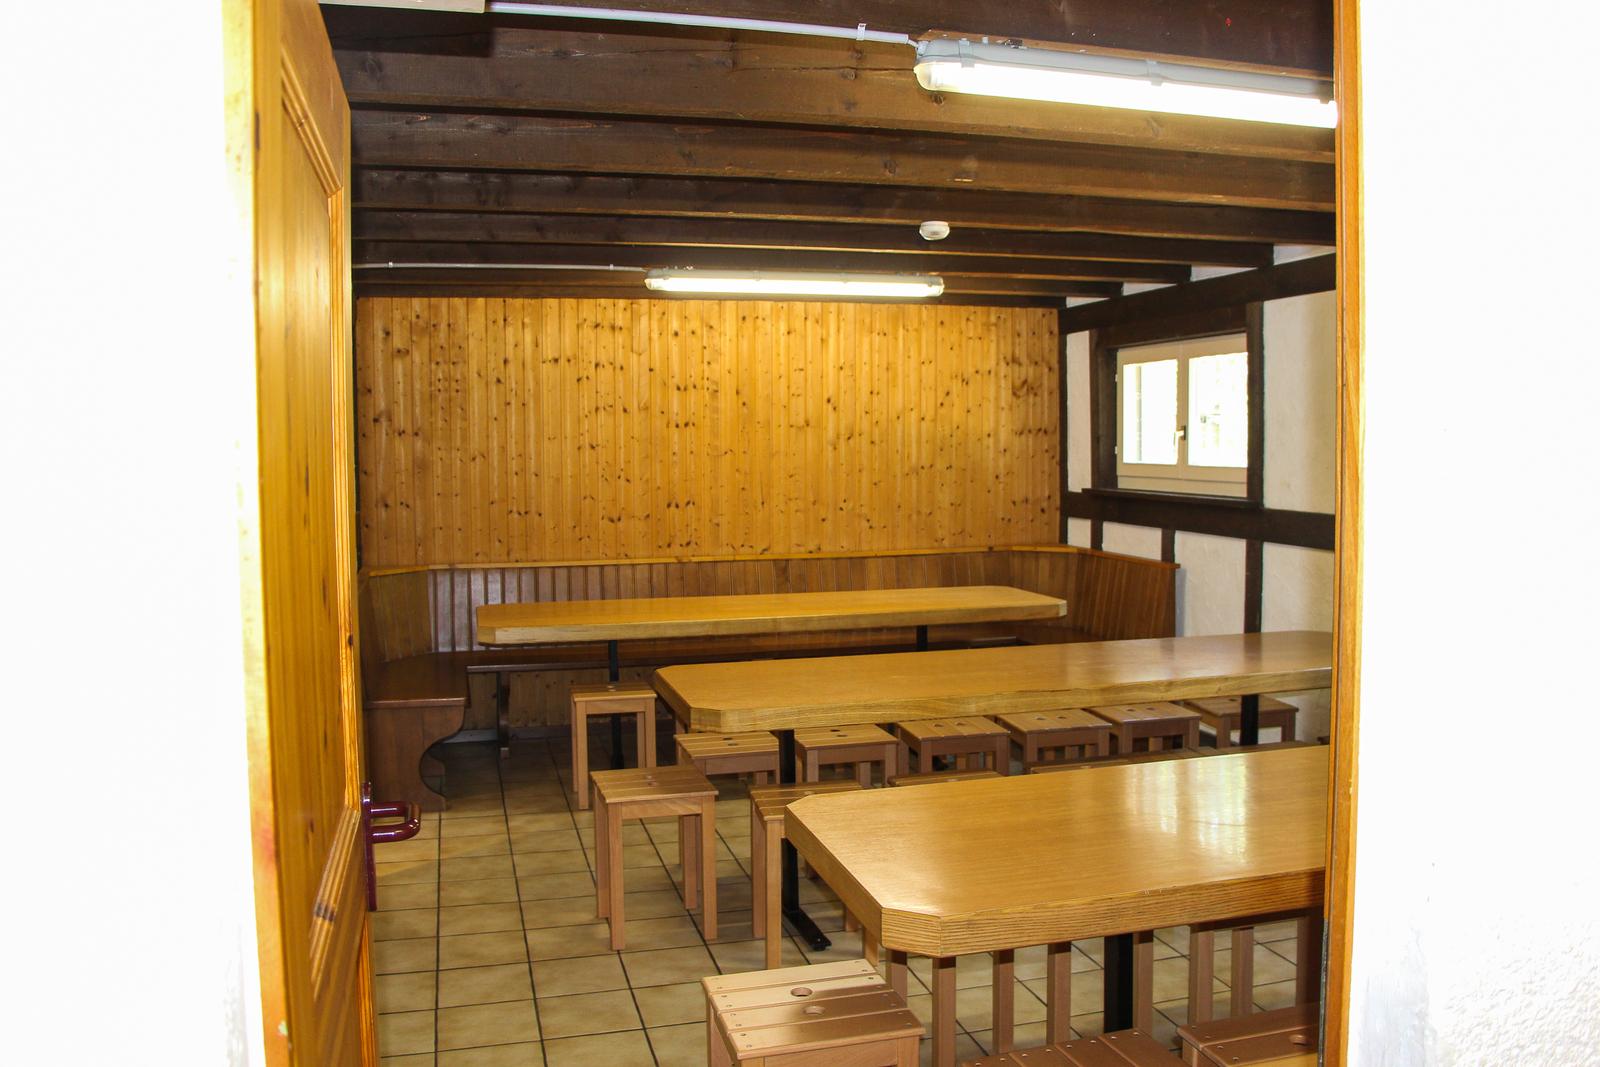 Pfadiheim St. Martin, 4712 Laupersdorf - 9514